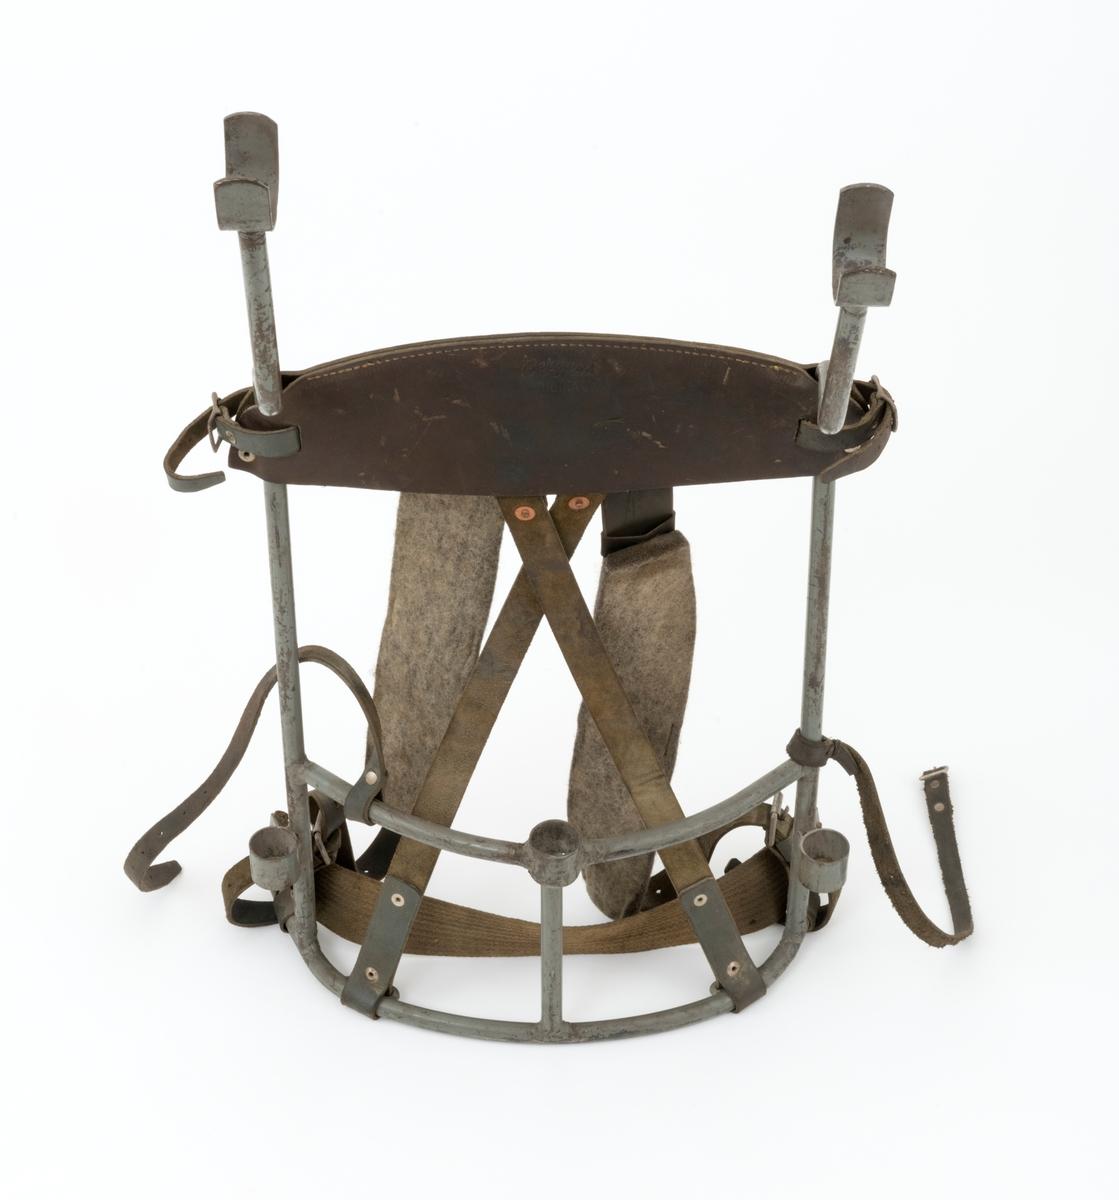 """Bæremeis for bæring av motordrevet bergbormaskin på ryggen. Bæremeisen er laget av en stålrørsramme med bærereimer (seler, feslinger) og støttereimer i lær. Bæreselene, feslingene, er regulerbare med hjelp av metallspenner. Selene (feslingene) er polstret med ullfilt. Den rektangulære stålrørramma består av to vertkalt stående stålrør på hver side med en bøy øverst. I enden av denne bøyen er det påsveiset klyper. Registrator antar at bormaskinenes styre senkes ned i disse klypene. Ramma får videre sin form ved at det mellom de vertikalt stående rørene er påsveiset tre horisontalt liggende rør, i overkant av 30 centiemter lange. To av rørene er svakt krummende for å gi passform rundt brukeresn rygg, mens det øverste røret buer svakt oppover på midten.  Det øverste røret, som blir liggende an mot brukerens skulderparti, er polstret med et lærstykke, som på grunn av rørets form også buer svakt oppover. Lærstykket, som er dobbelt, er sydd i overkant og naglet med to nagler på hver side nede. På hver side av lærstykket er det utskåret spalter. Gjennom disse spaltene er det tredd lærreimer med spenner. Bæreselene, feslingene, er tredd over det øverste tverrgående røret i ramma. Nederst på de langsgående stålrrørene, er det påsvesiet """"ører"""" for innfesting av bæreselenes regulerbare reimer. I dsse ørene er det også fastnaglet et bånd, antakelig et lerretbånd, som omslutter brukerens ryggparti. Det er også fastmontert to lærreimer, cirka 40 centimeter lange, på stålrørsramma. Den ene reima, som er utstyrt med en metallspenne, er festet til det langsgånde stålrøret med en tynn ståltråd. Den andre reima er festet til det midtre tverrgående stålrøret med en metallnagle. Registrator antar at disse reimene tres rundt bormaskinen og sammenkobles med metallspennen for å holde maskinen stabil i bæremeisen."""